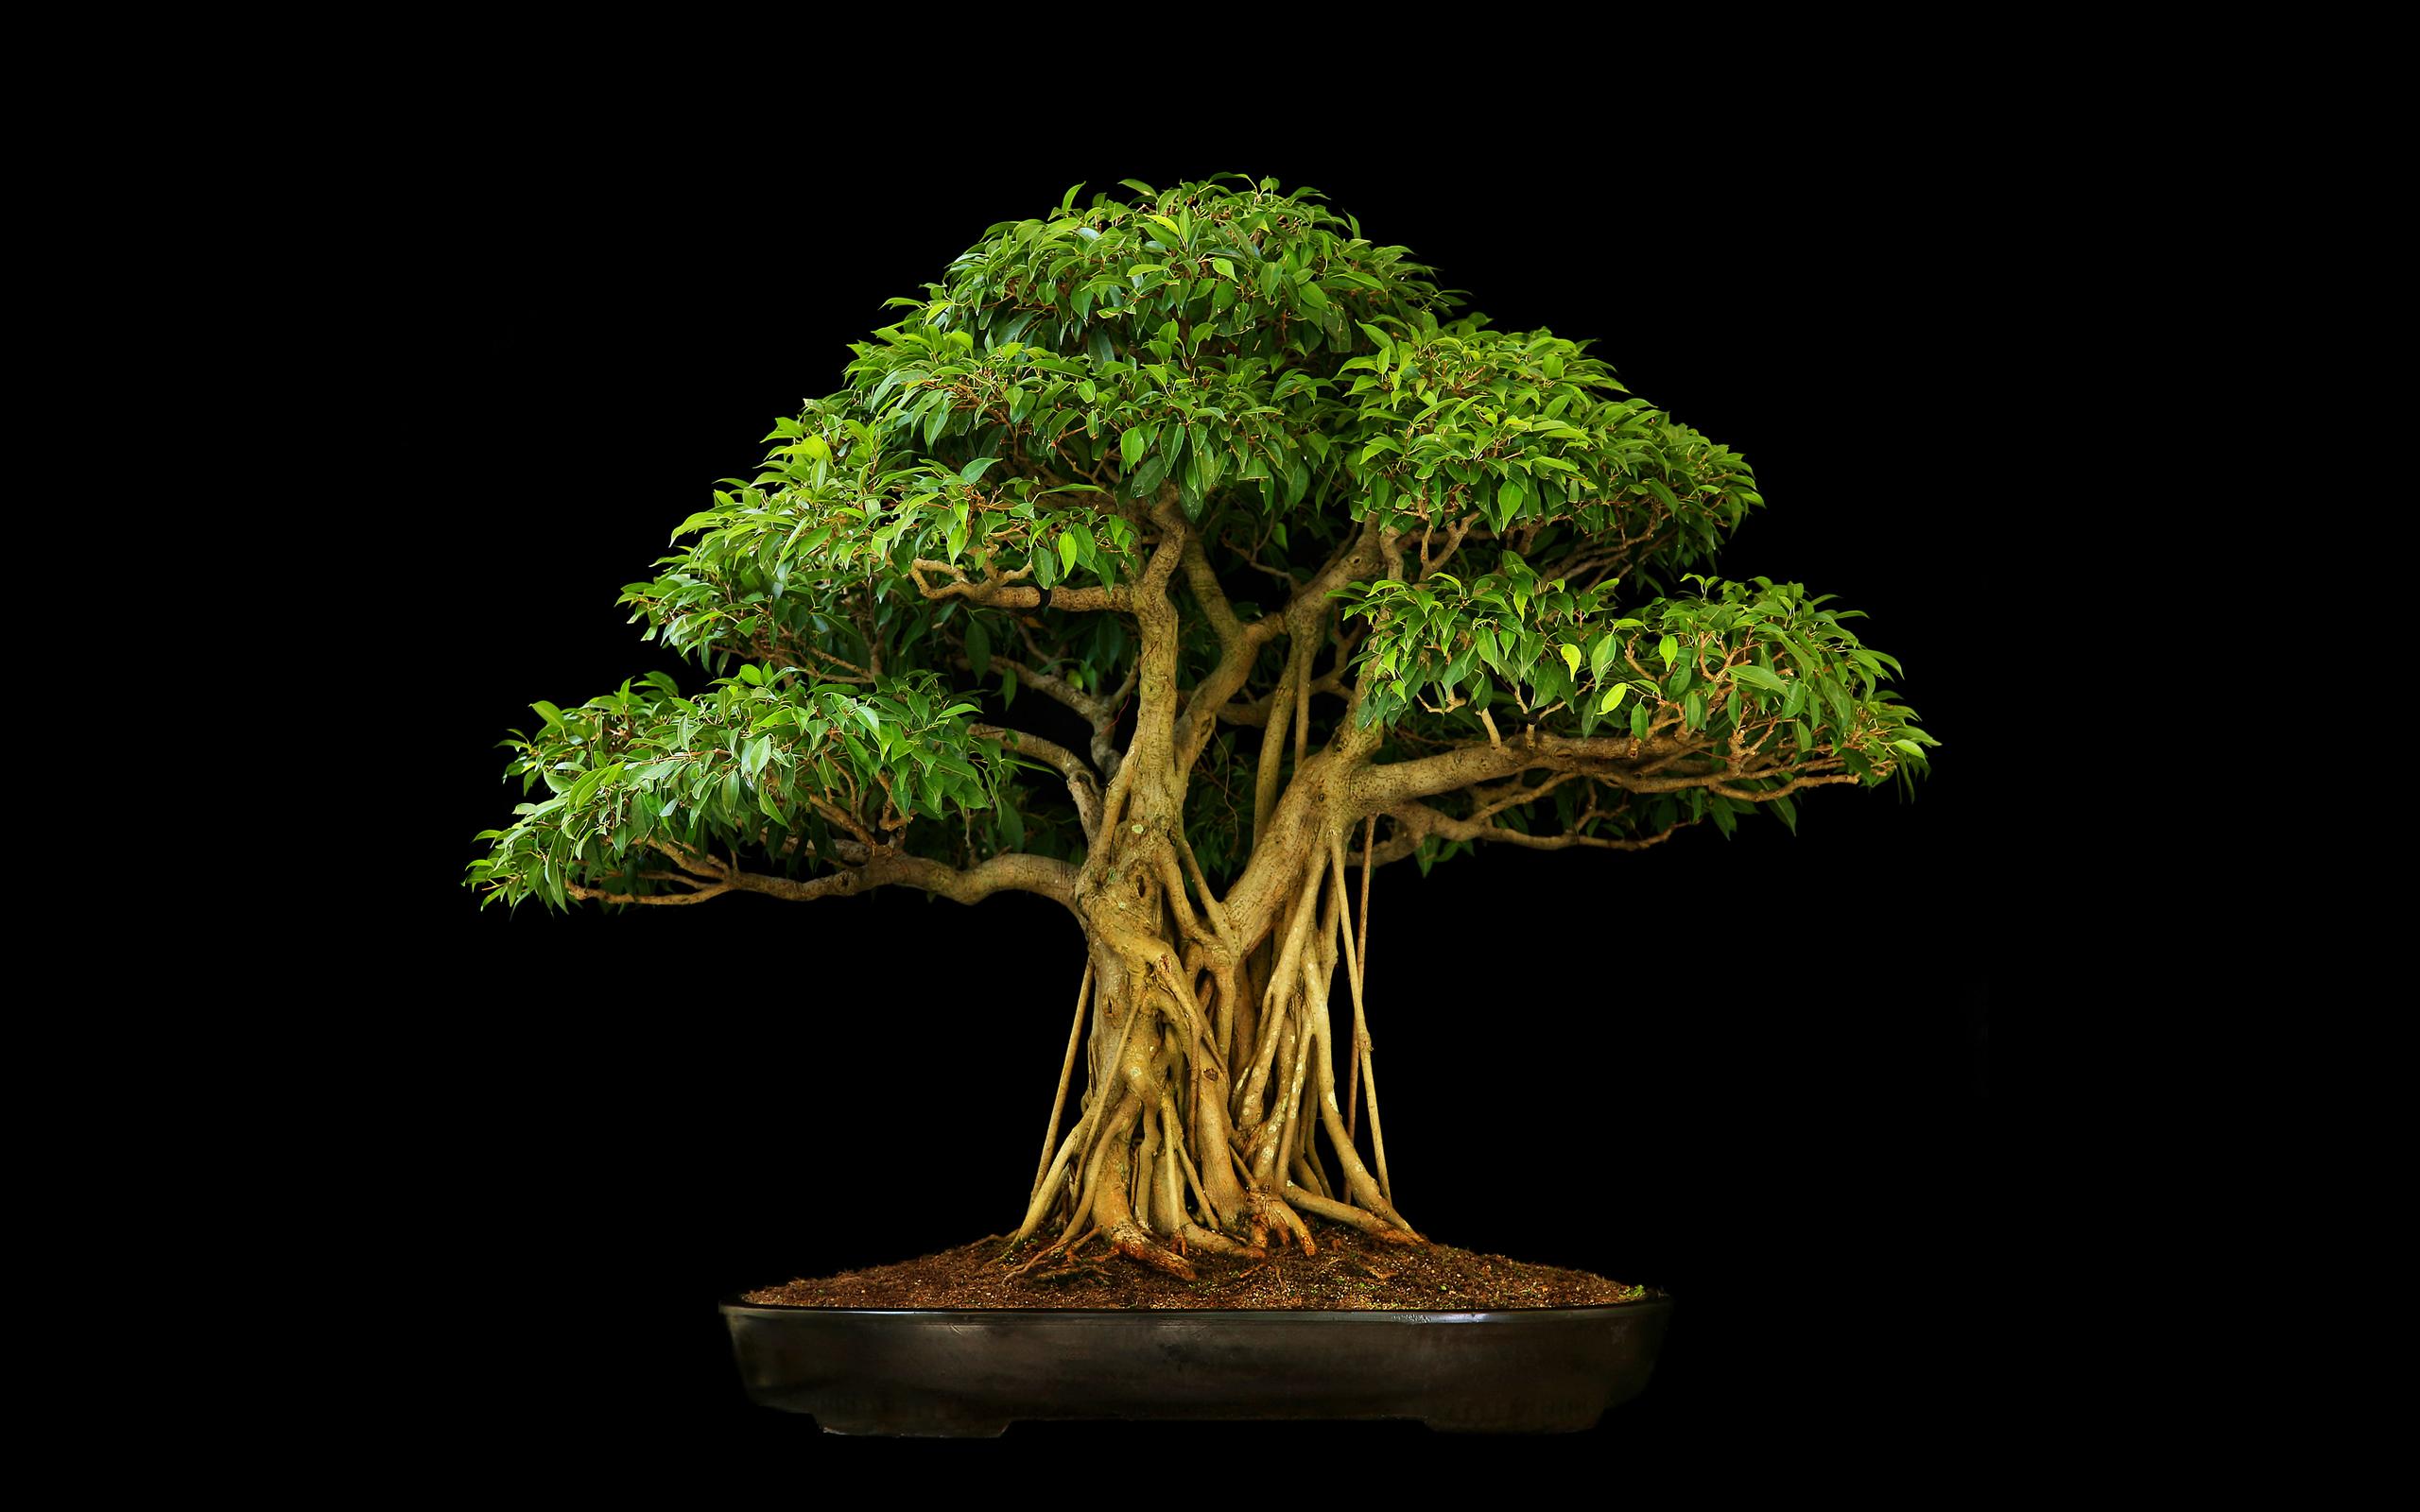 bonsai wallpaper 03 ndash - photo #14